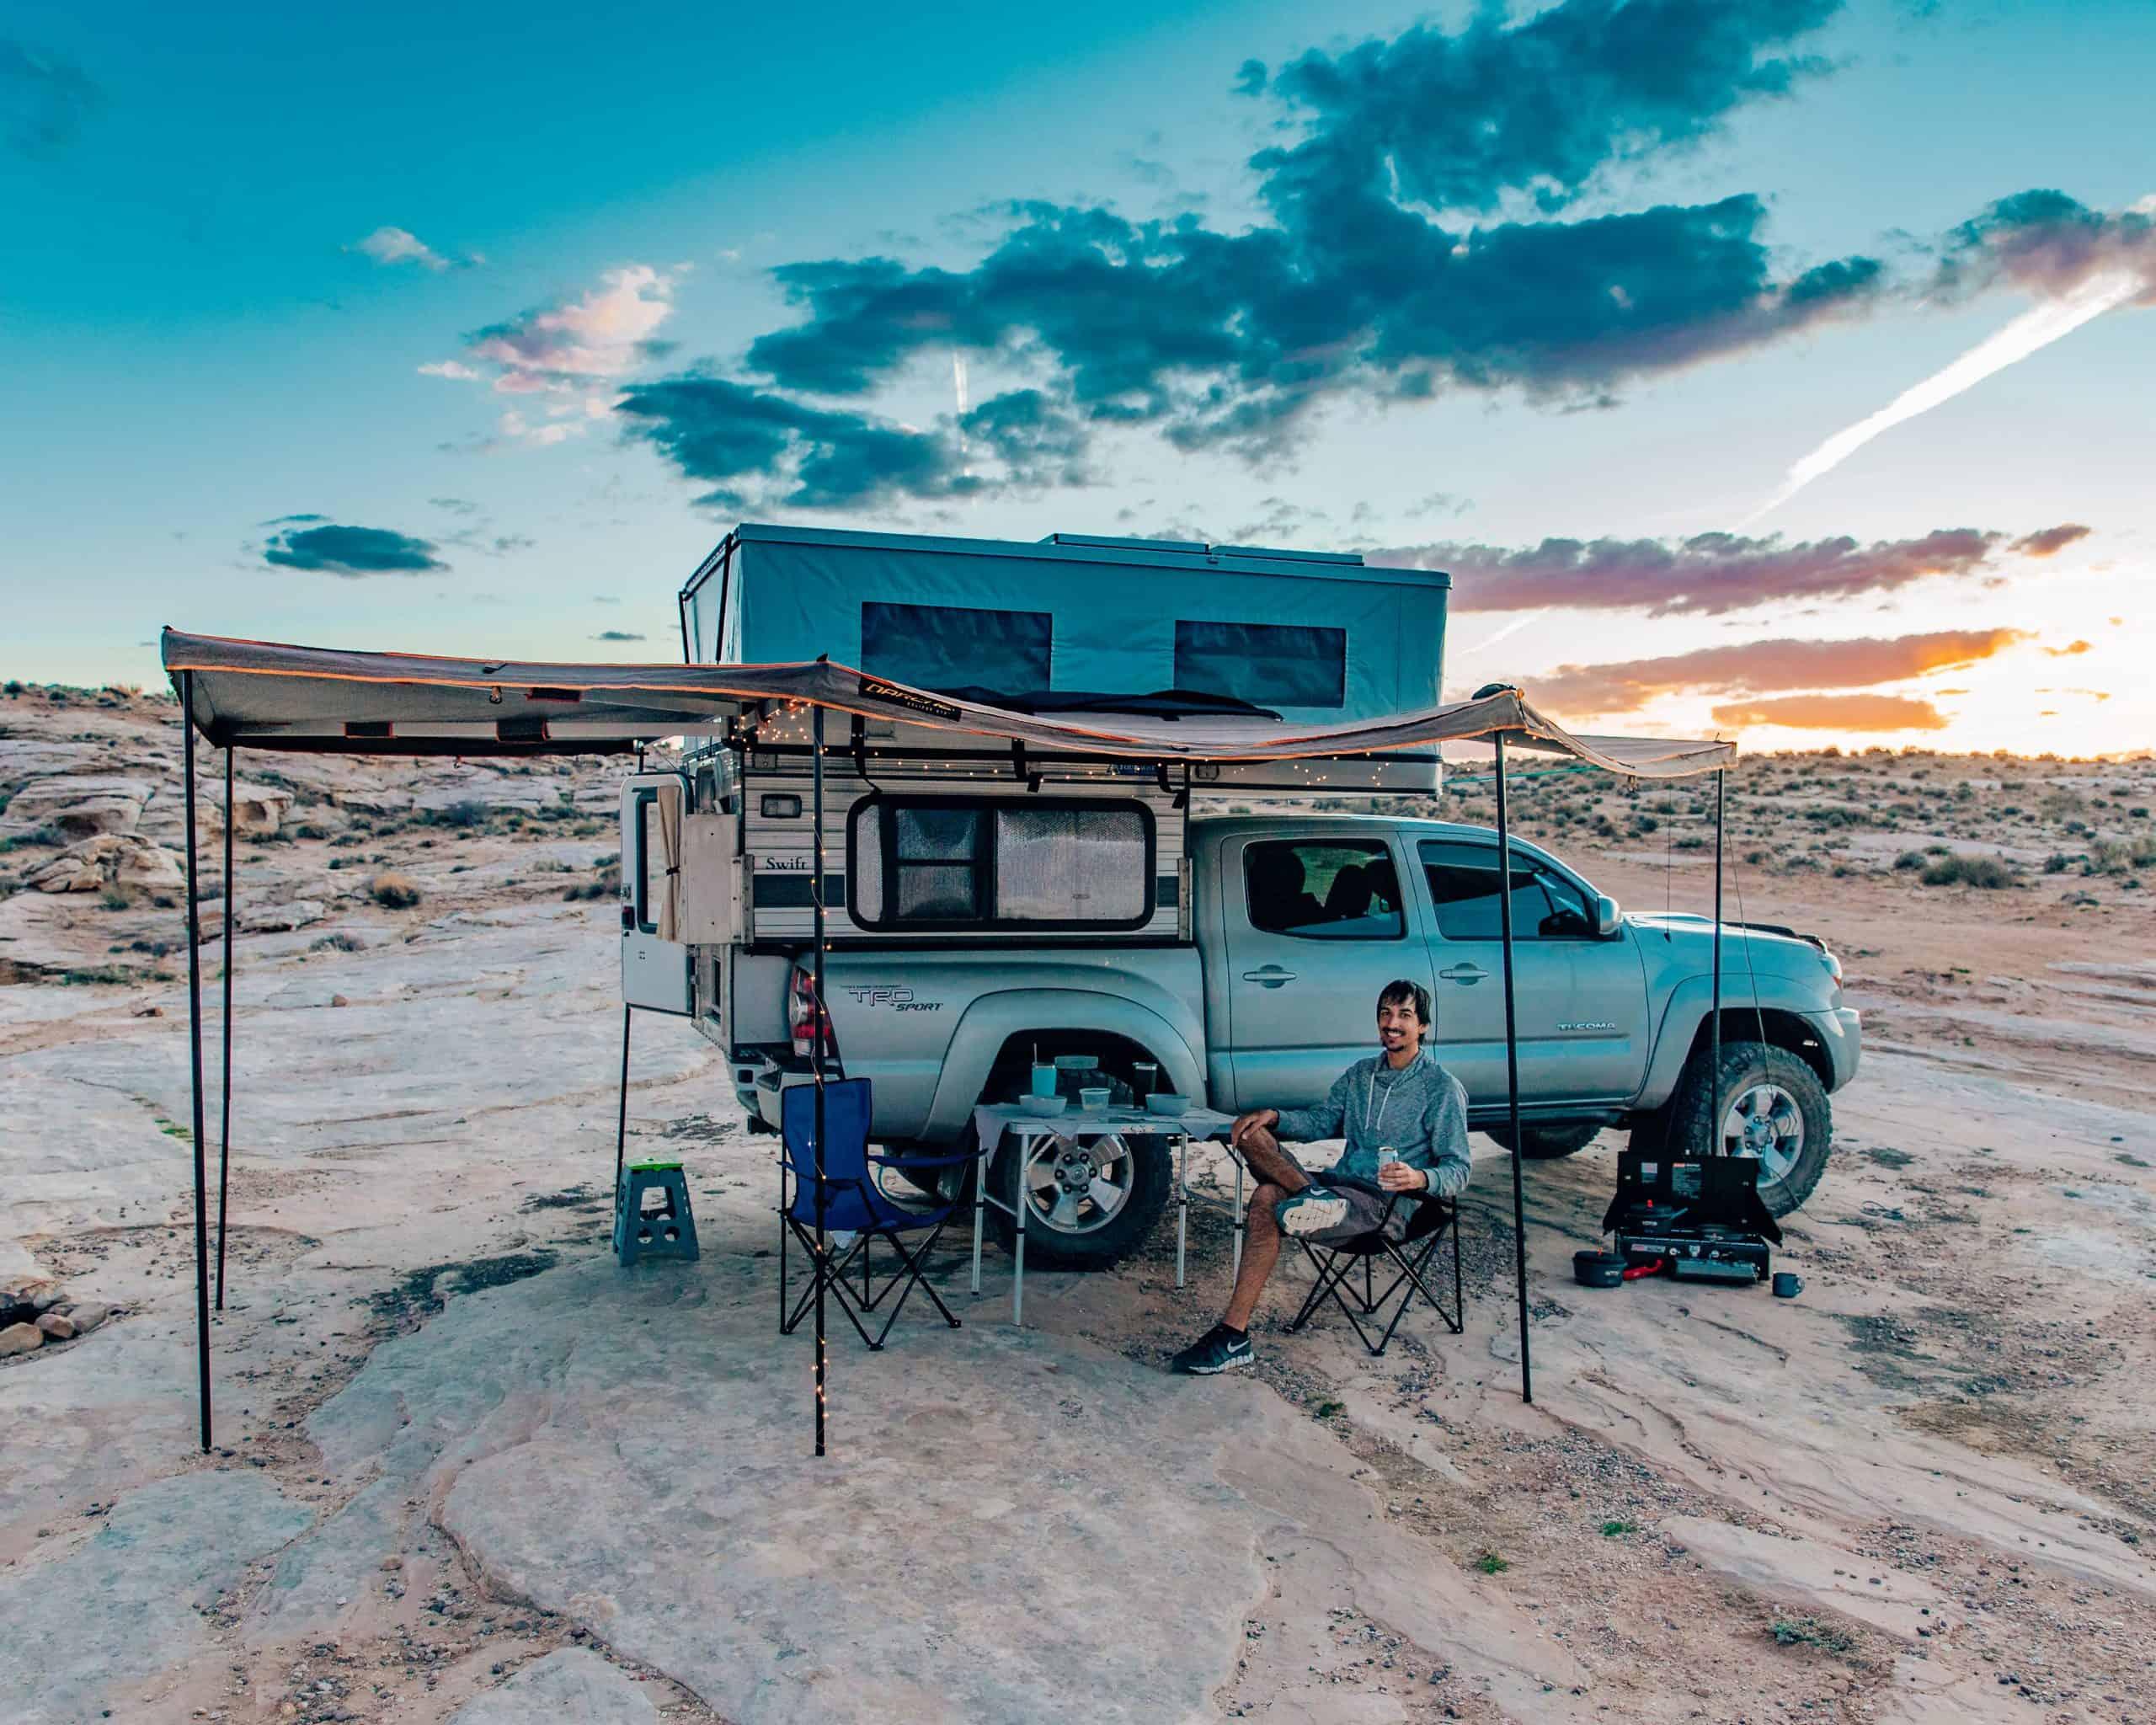 Camp Set-Up for full time camper living